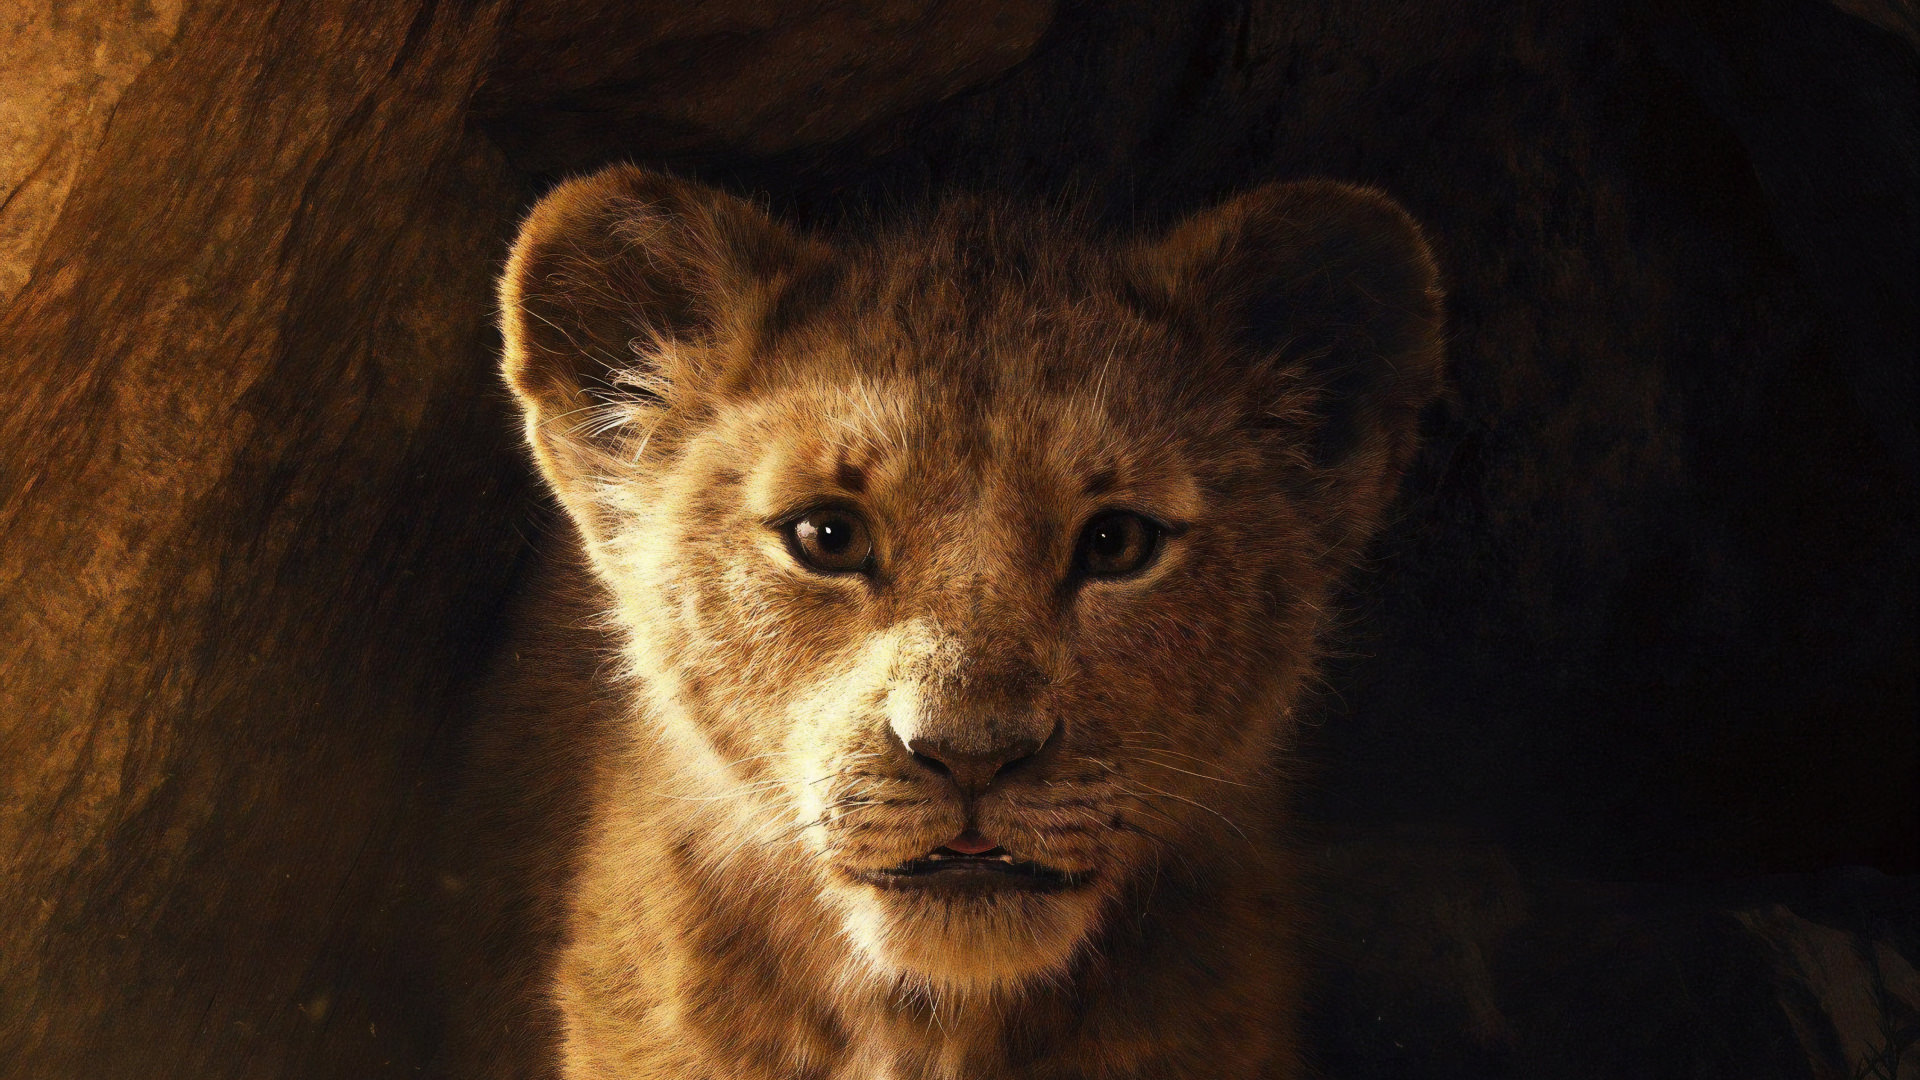 Свежий трейлер фильма «Король Лев» показал поющих Тимона и Пумбу